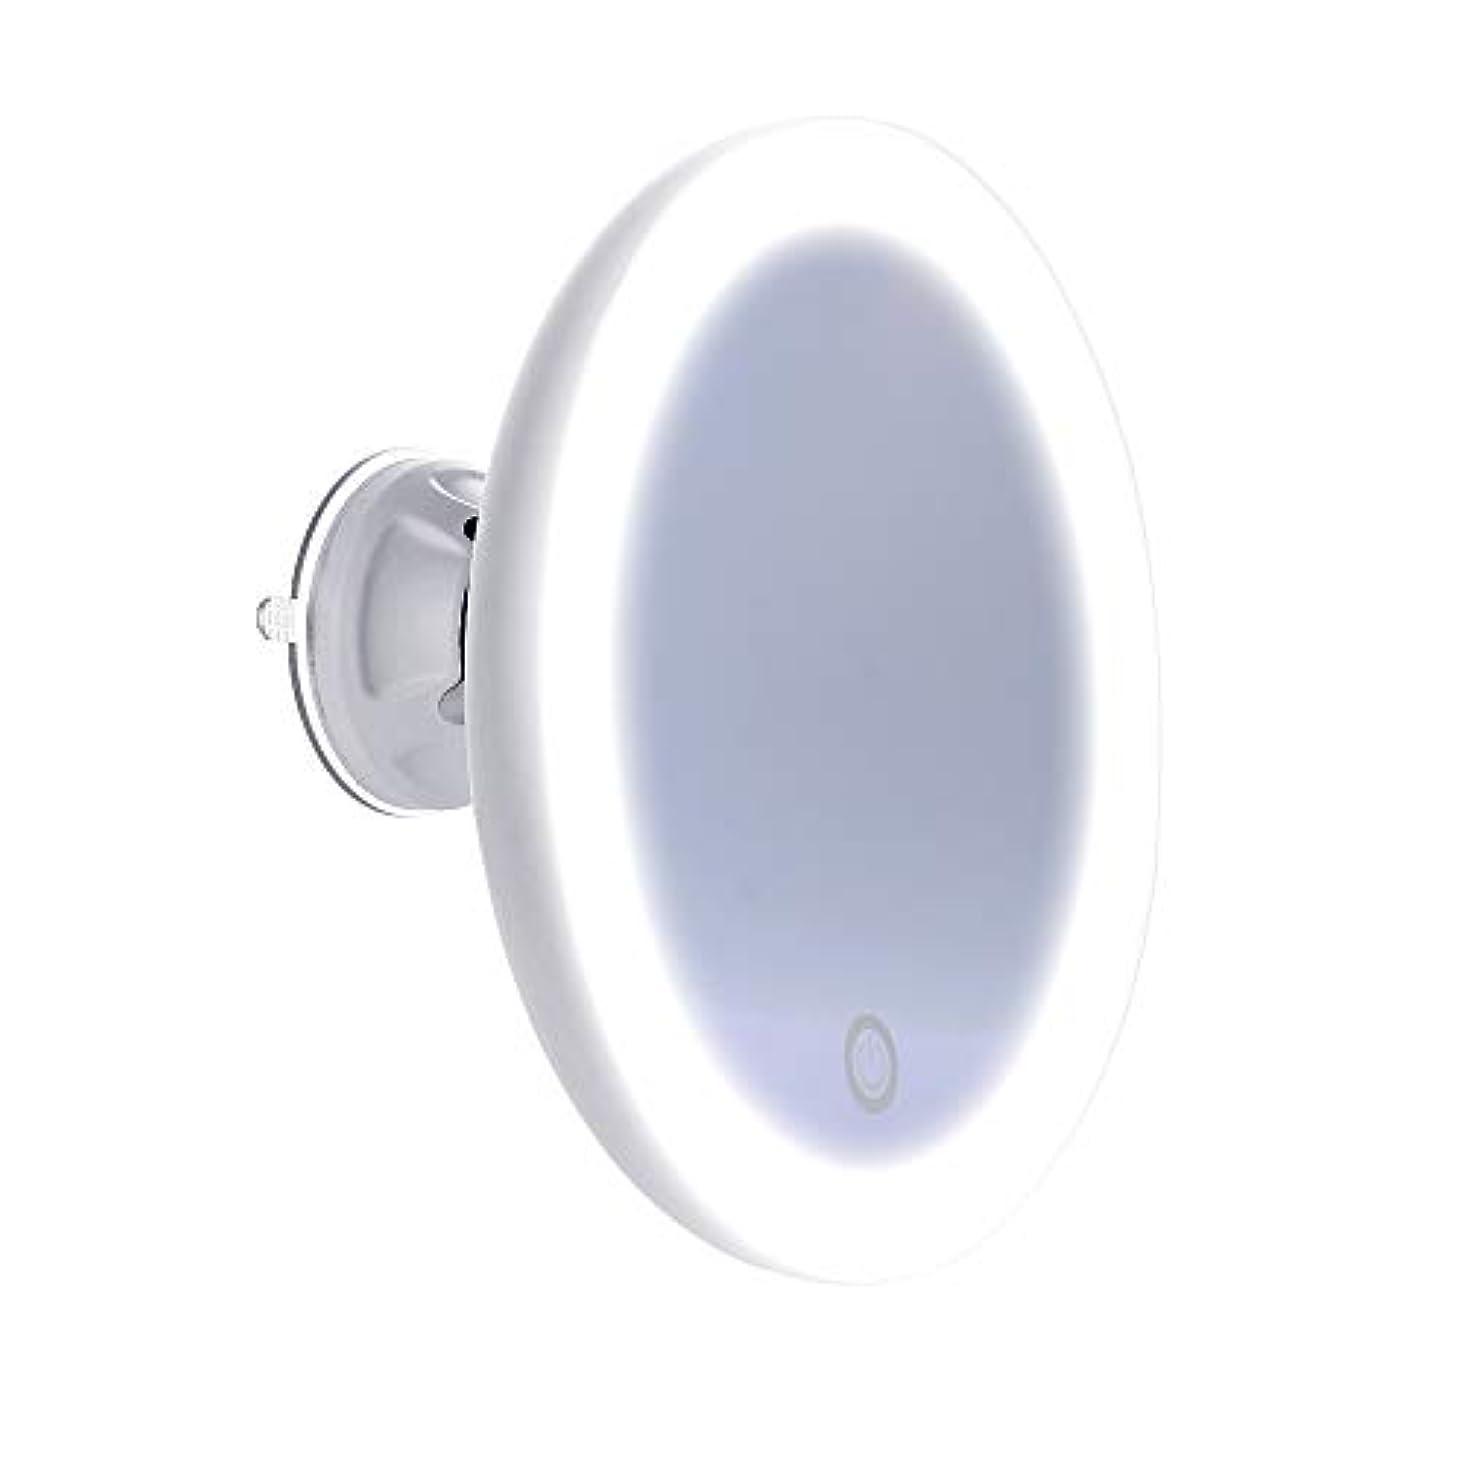 クレジット風が強いウェブ化粧鏡 5倍拡大鏡 LED化粧鏡 浴室鏡 卓上鏡 吸盤ロック付き 壁掛けメイクミラー 360度回転スタンドミラー コンパクト 携帯 コードレス 乾電池式 家庭 浴室 旅行